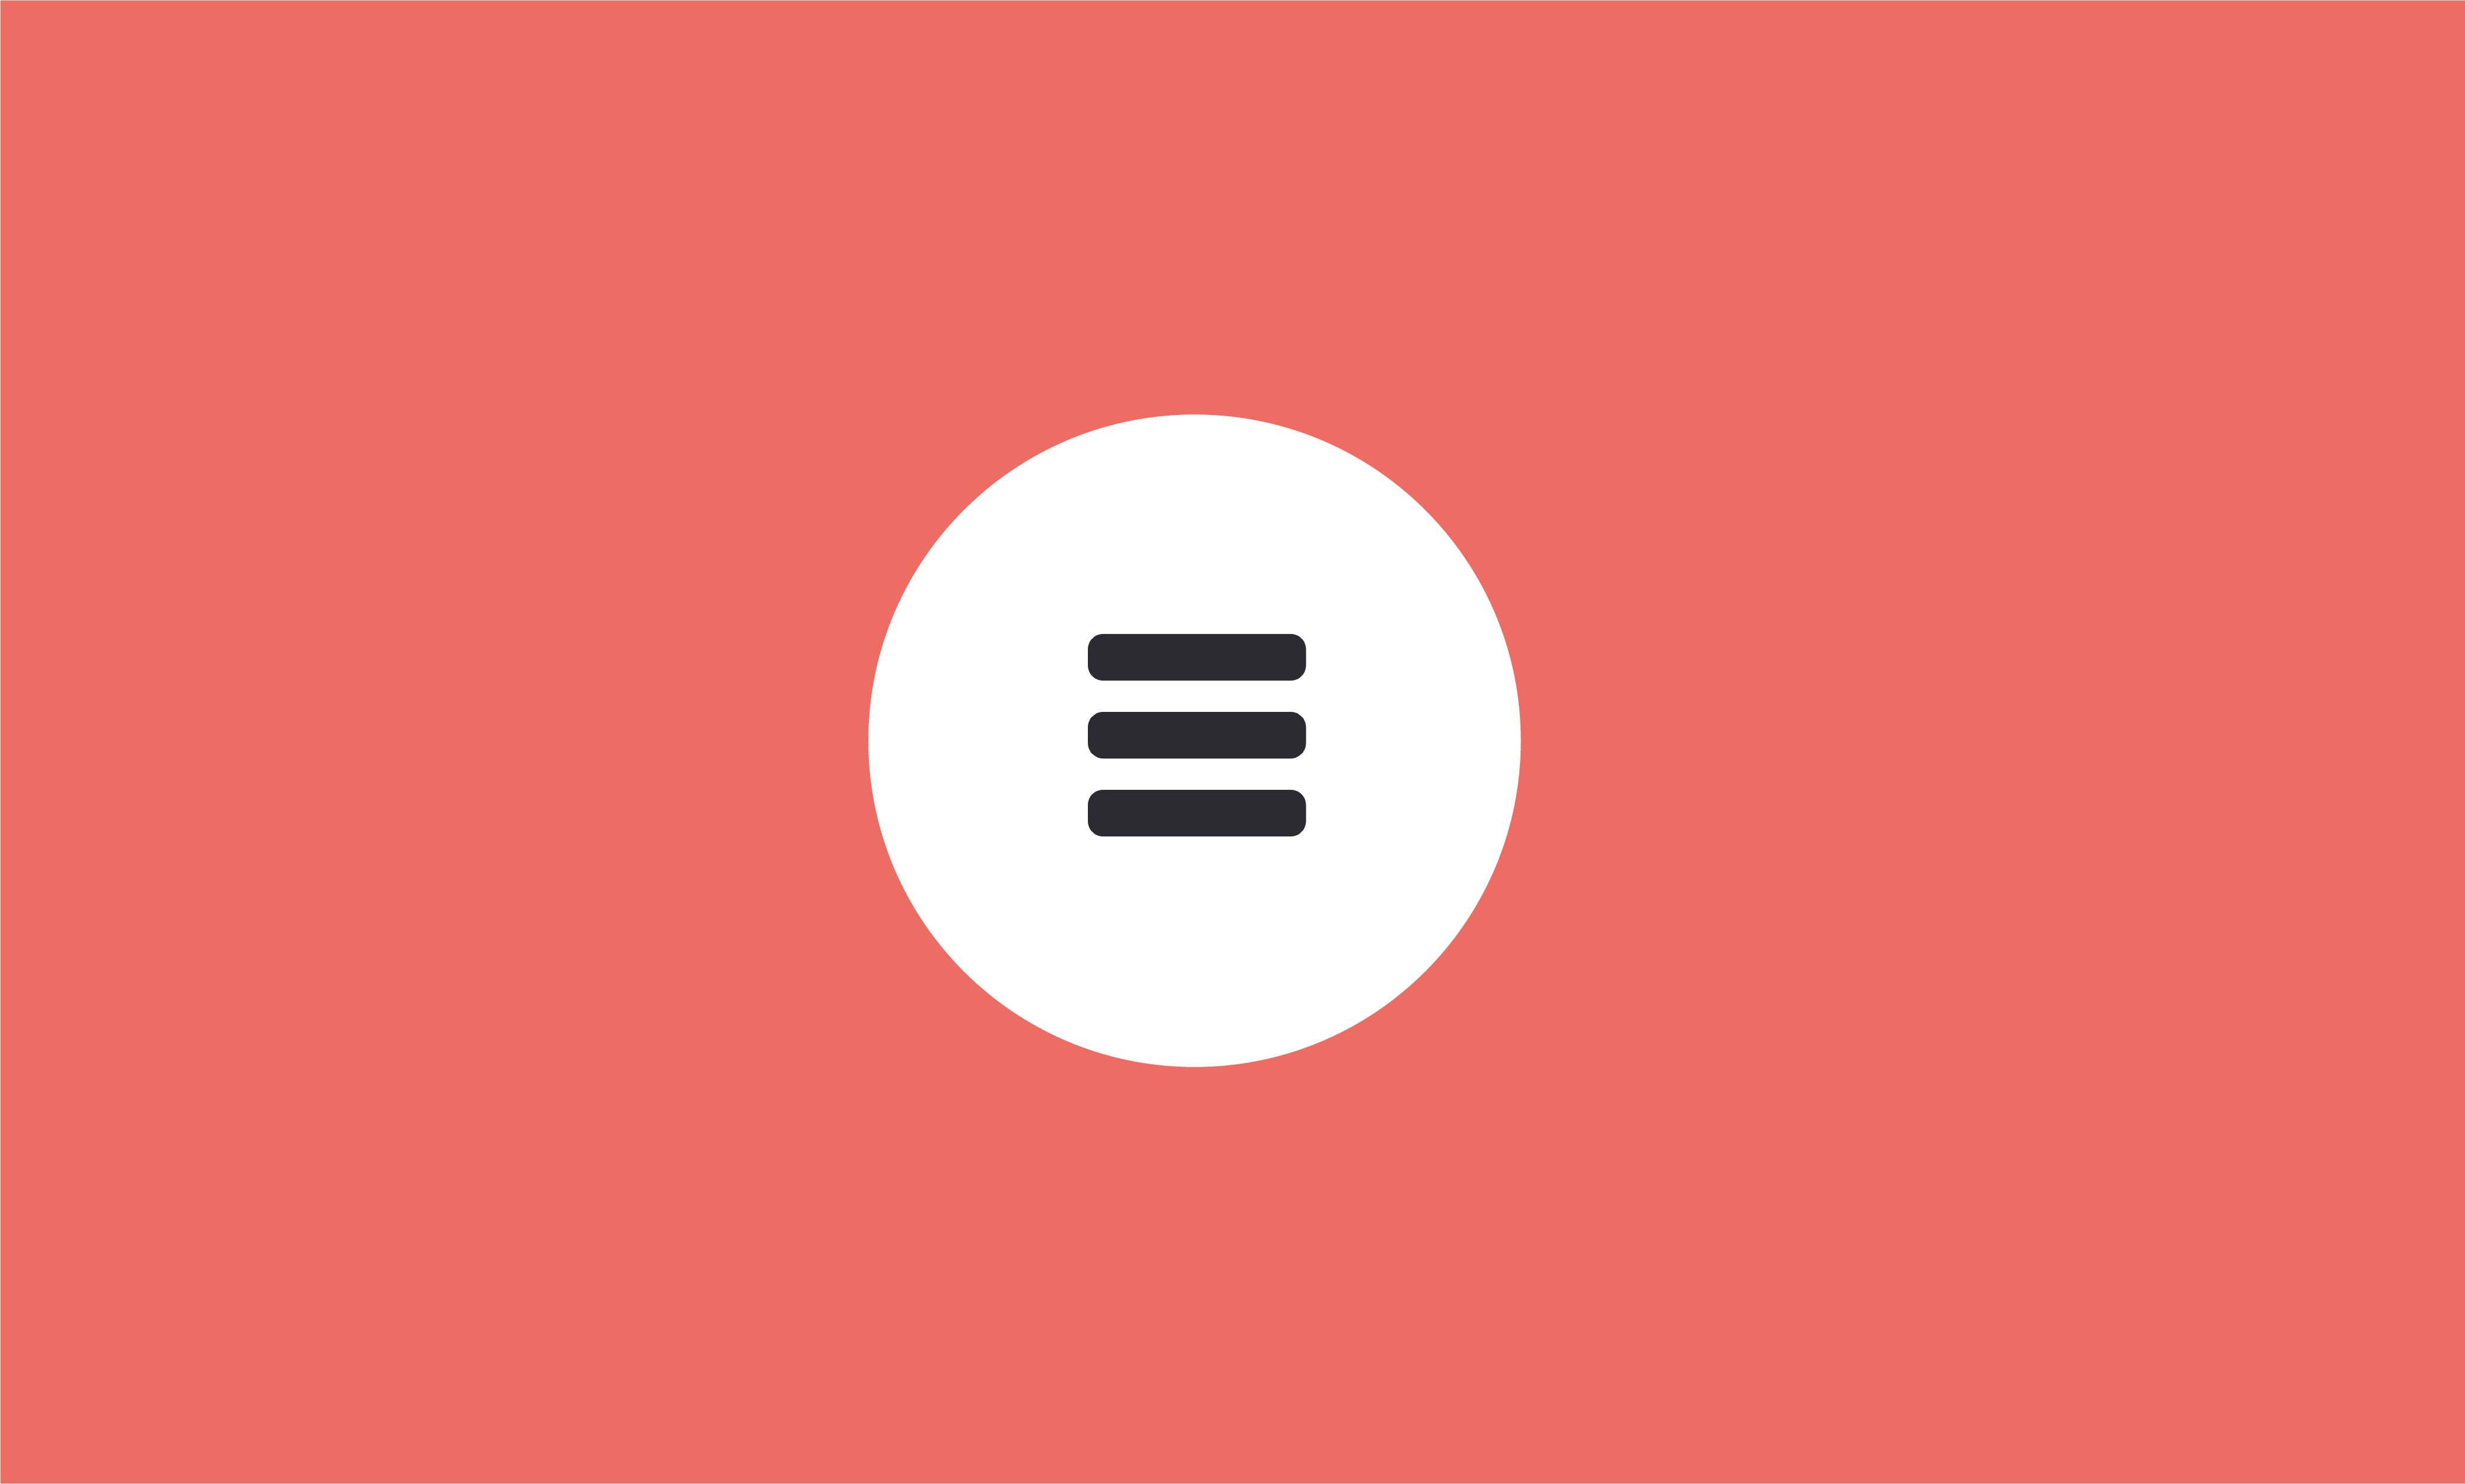 come-importare-ed-esportare-i-menu-di-navigazione-in-wordpress